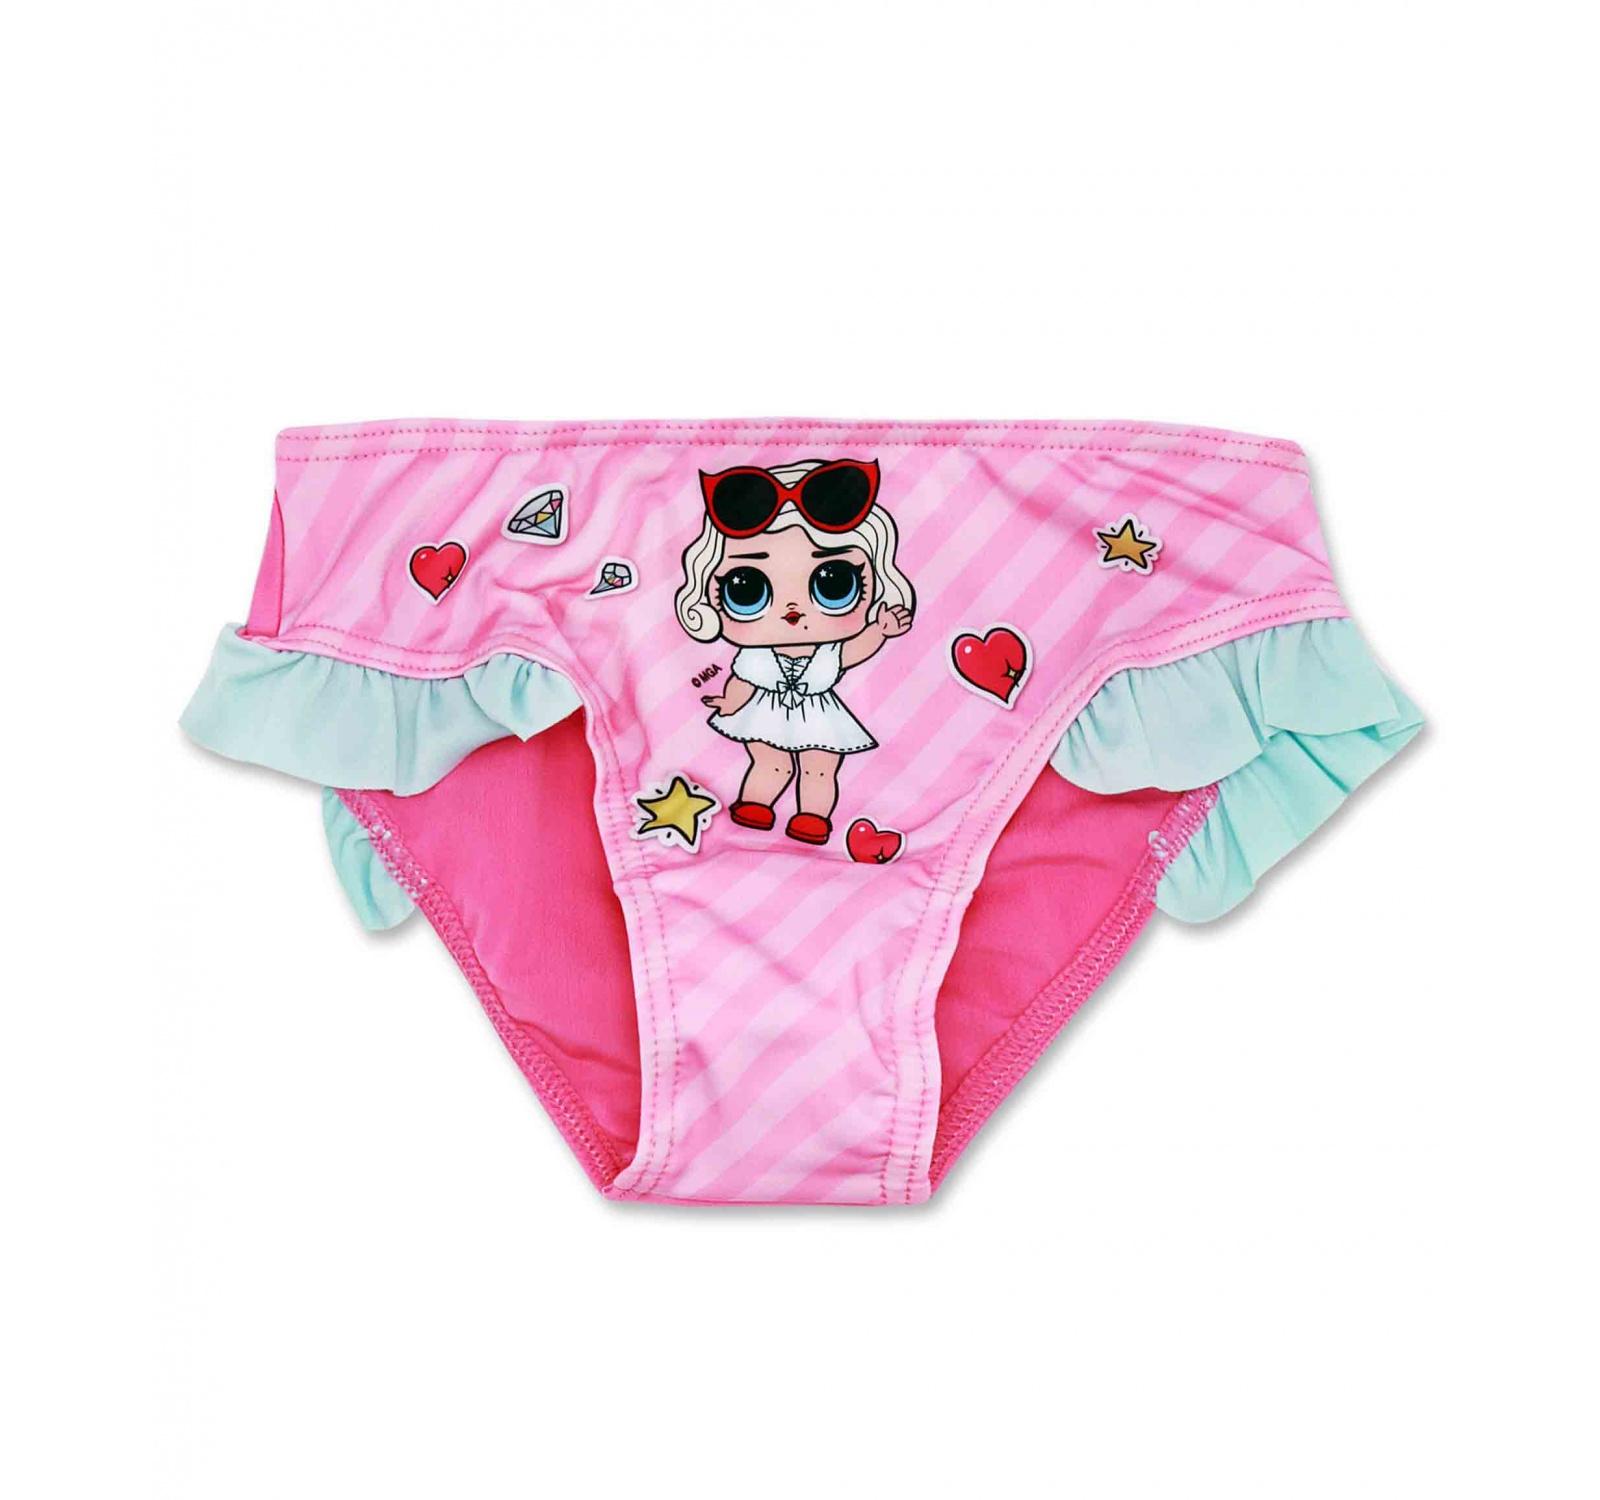 LOL Surprise® Slip baie roz-turcoaz 181382